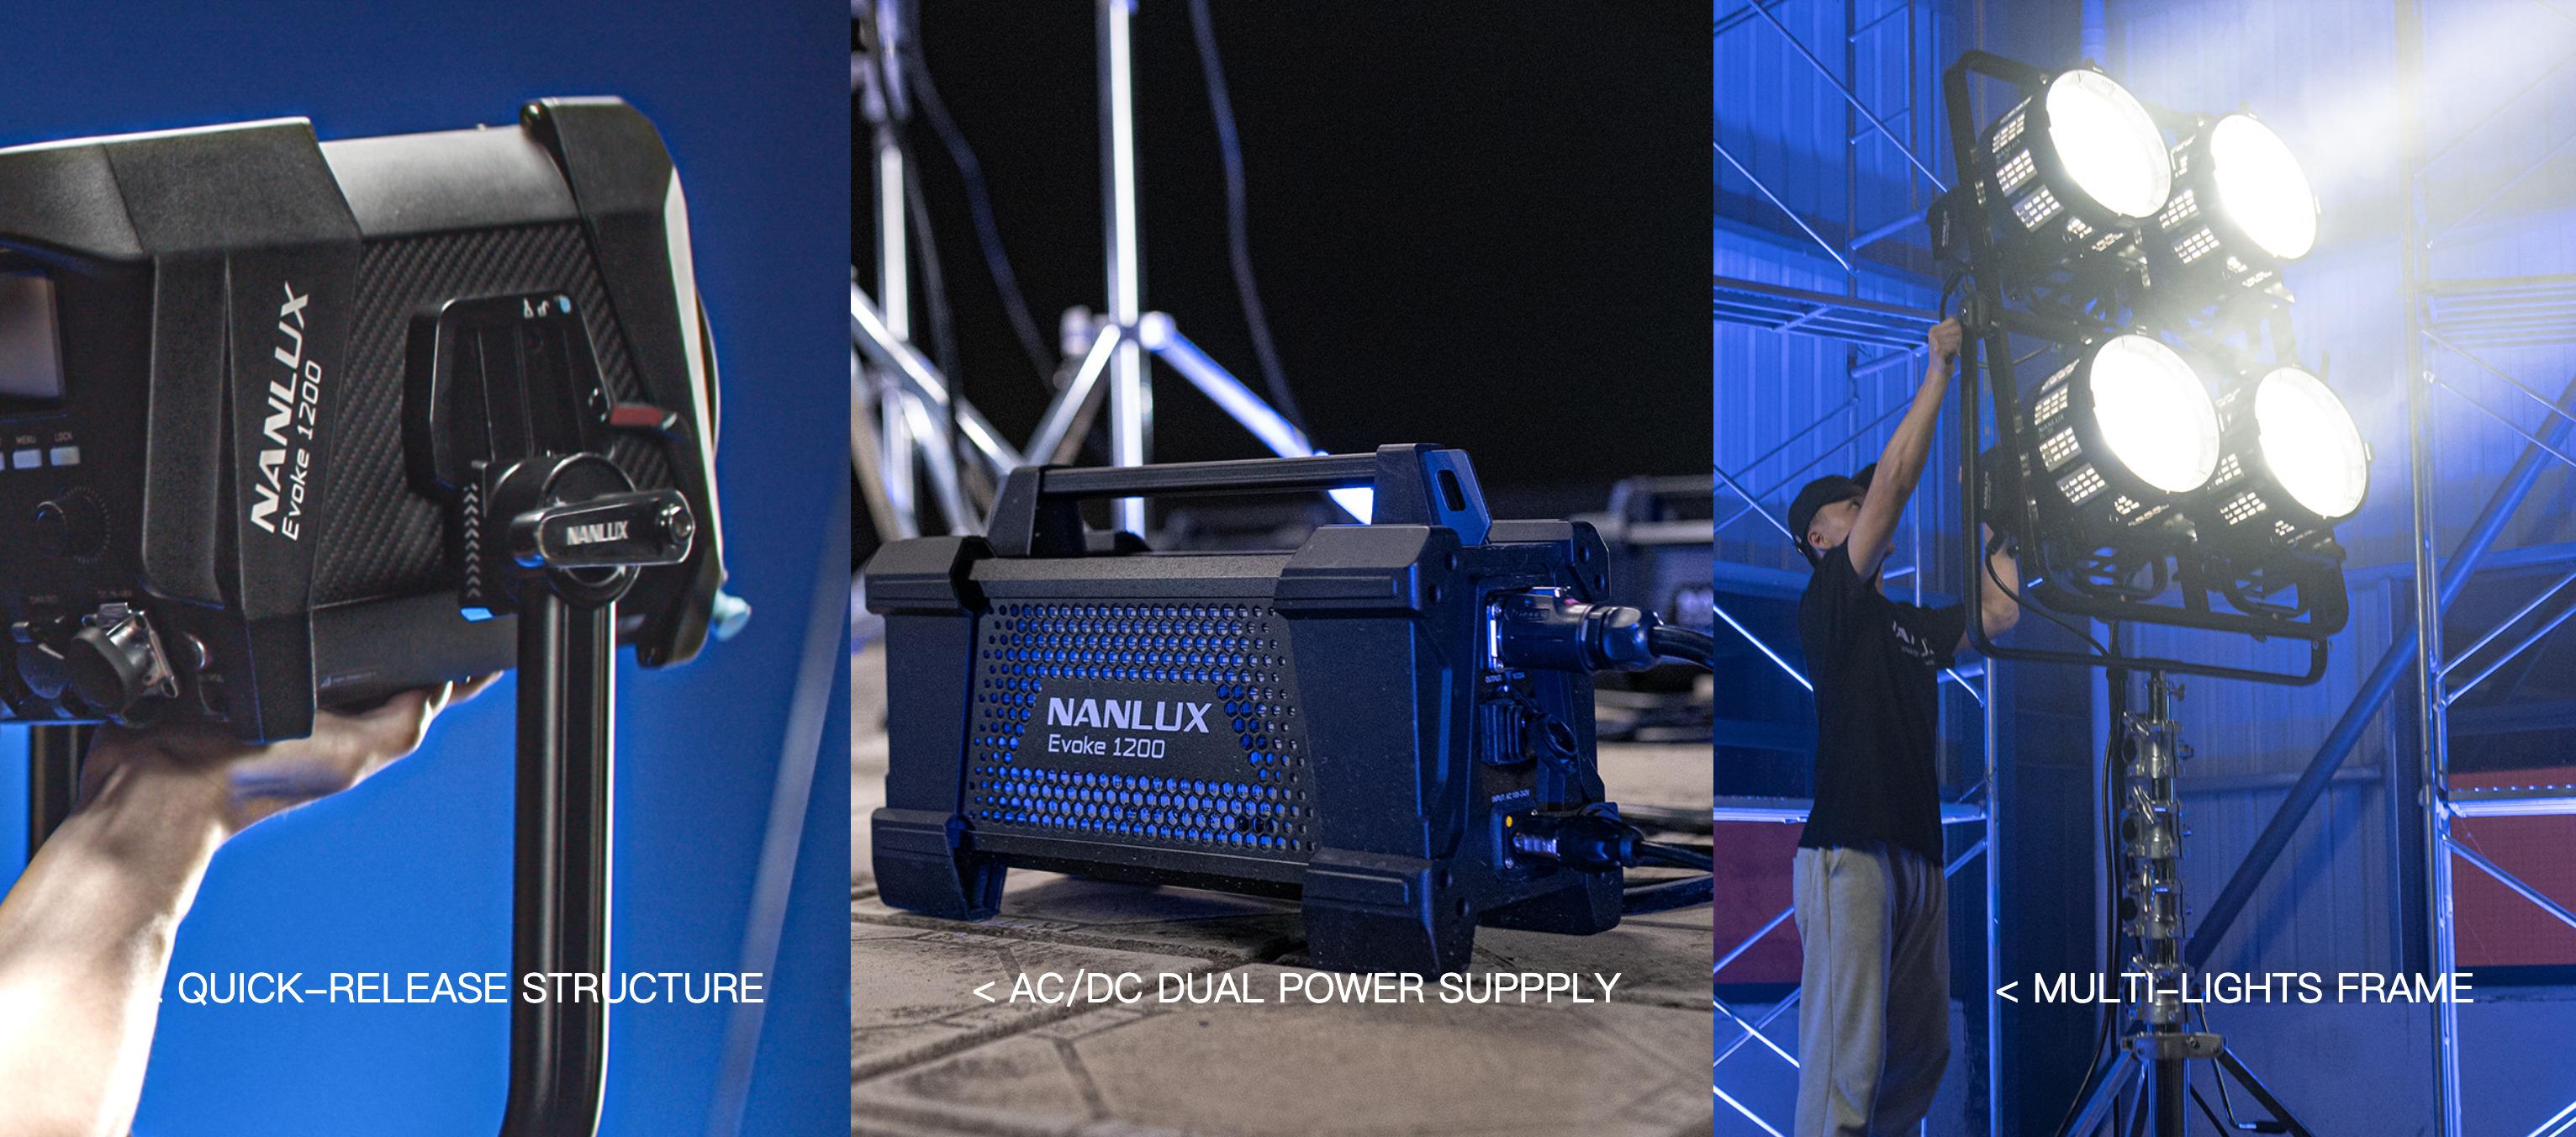 NANLUX EVOKE 1200 LED SPOTLIGHT ANNOUNCED 7